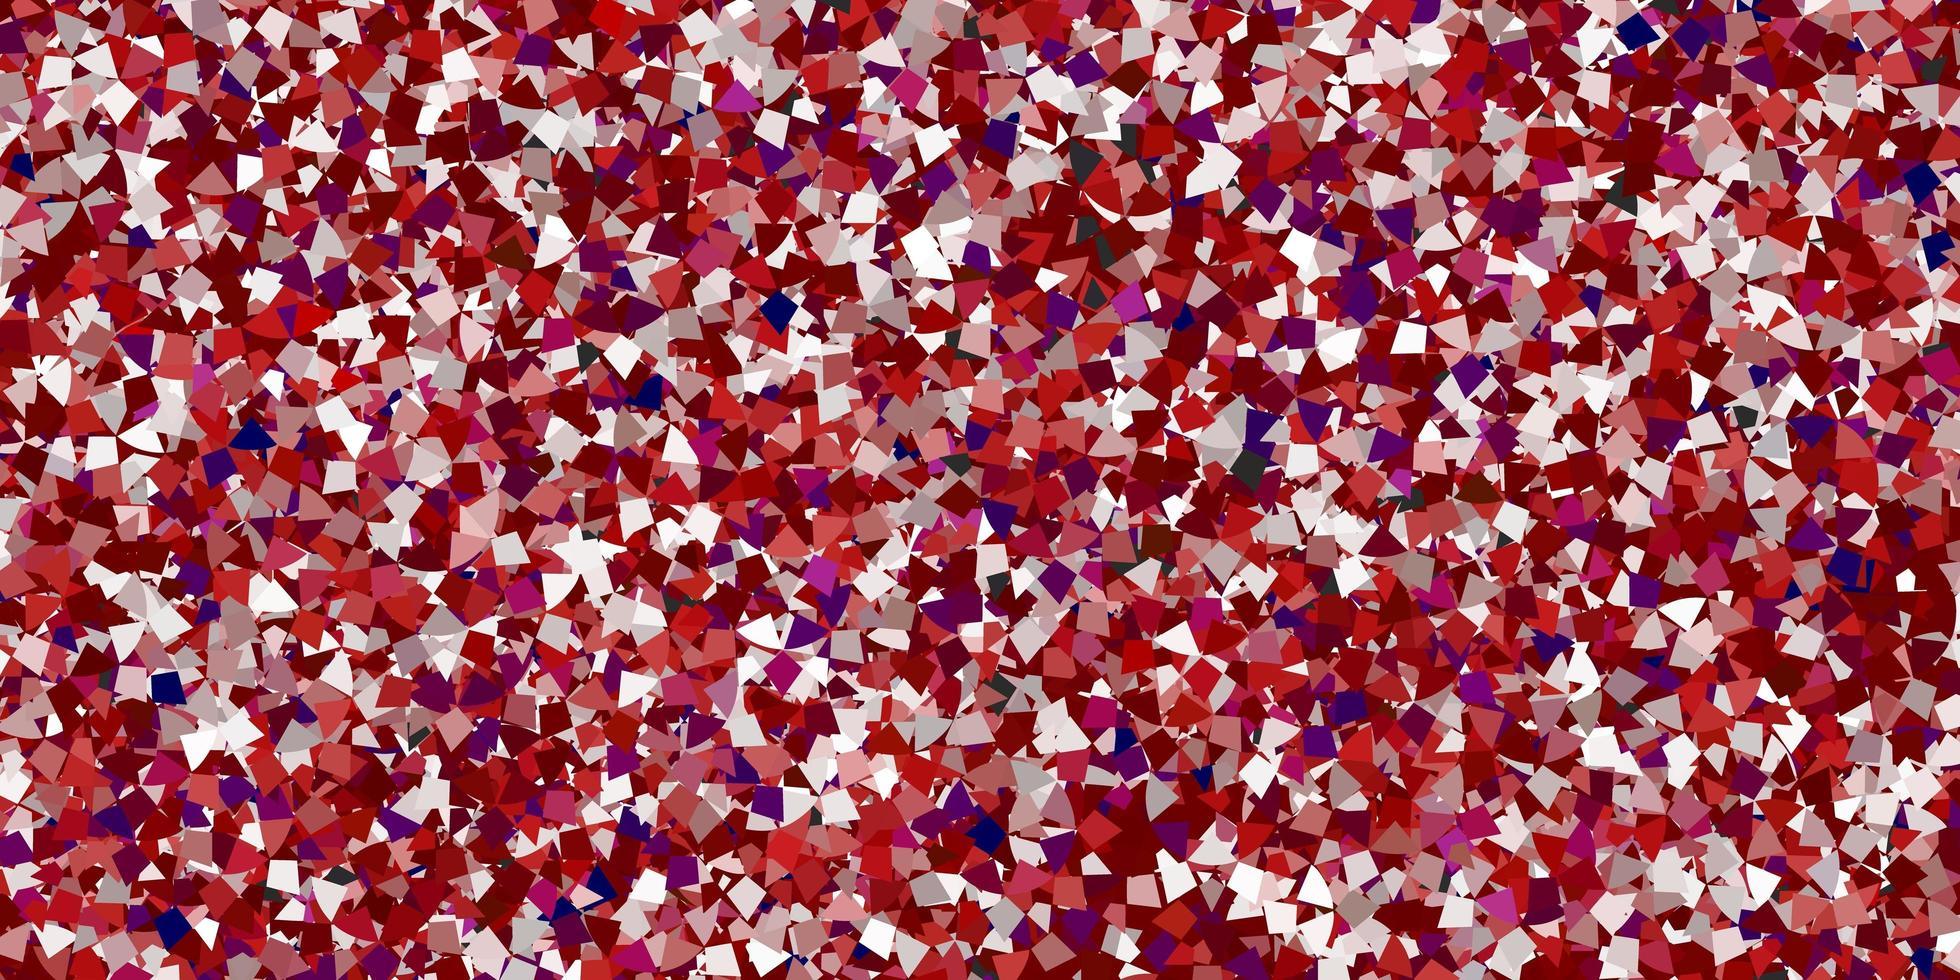 röd konsistens med triangulär stil. vektor